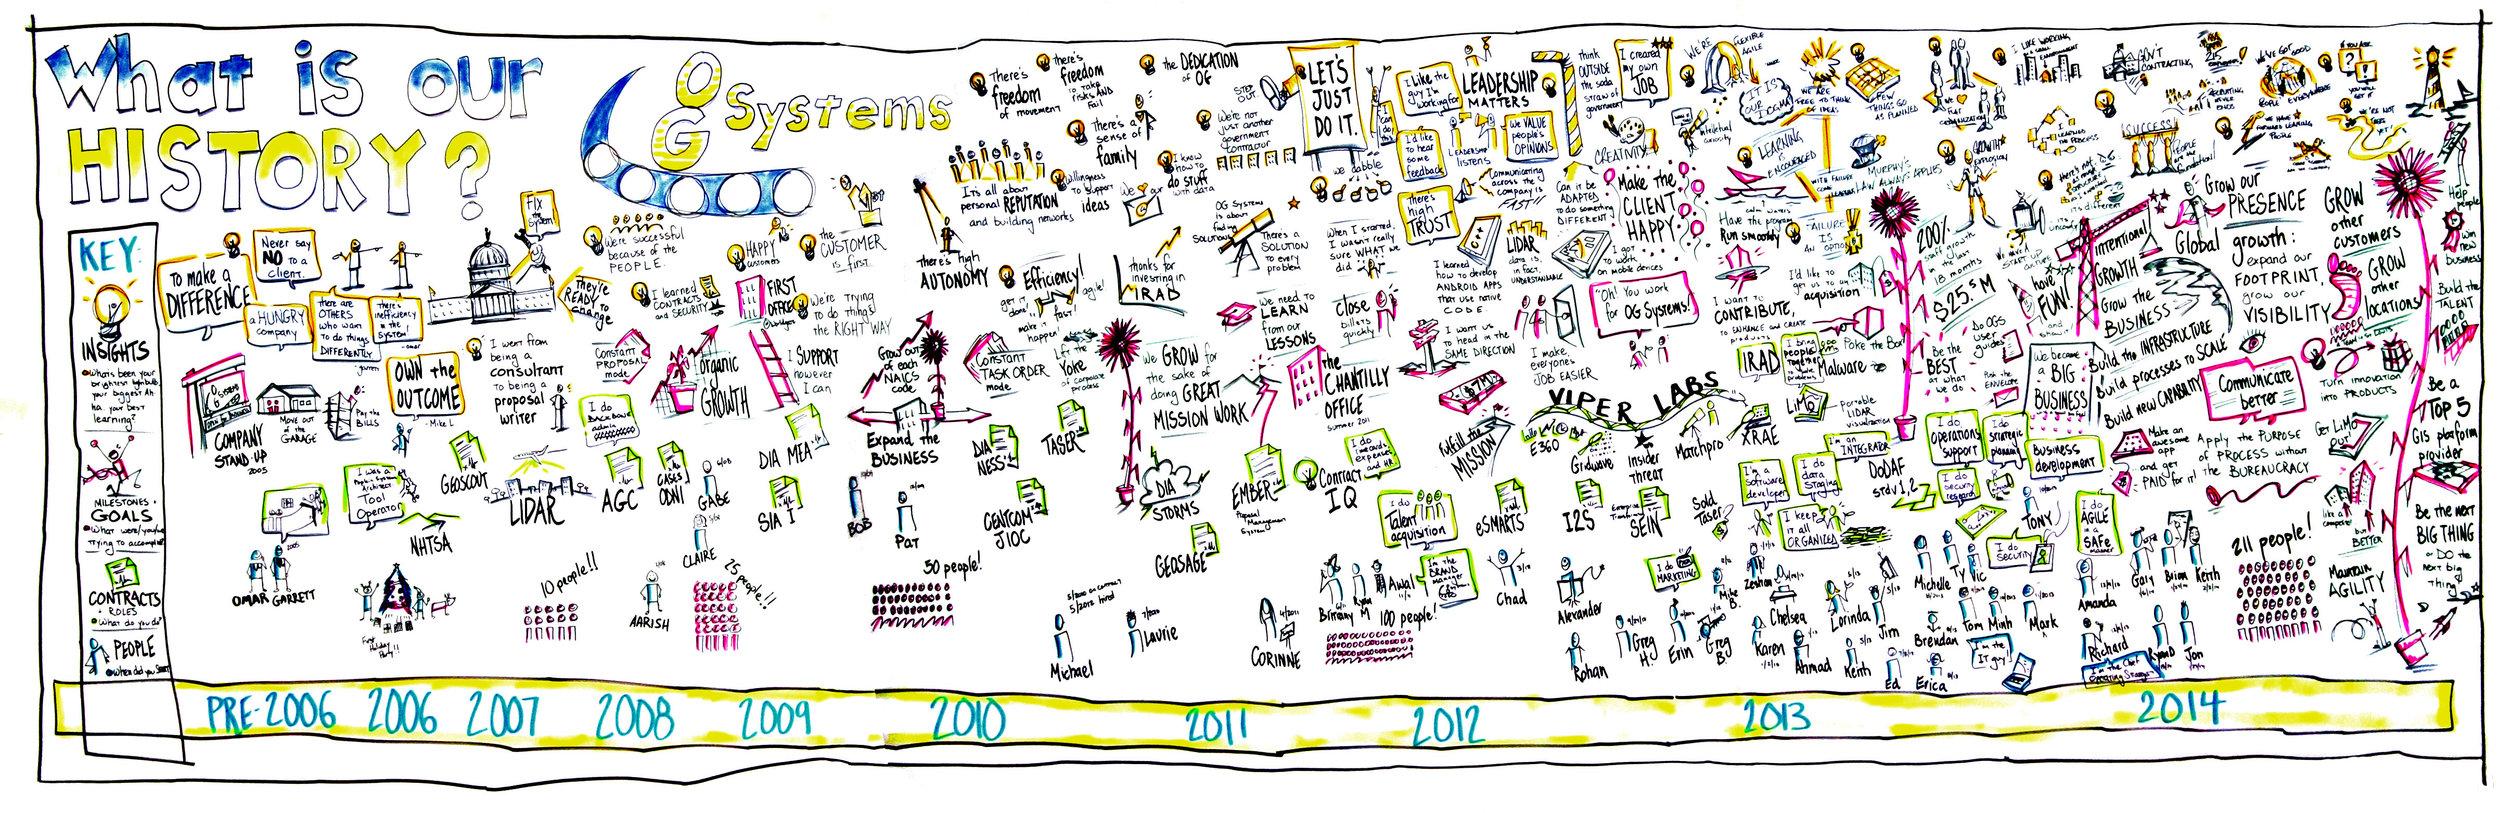 2014.02.26 OG Systems History.jpg